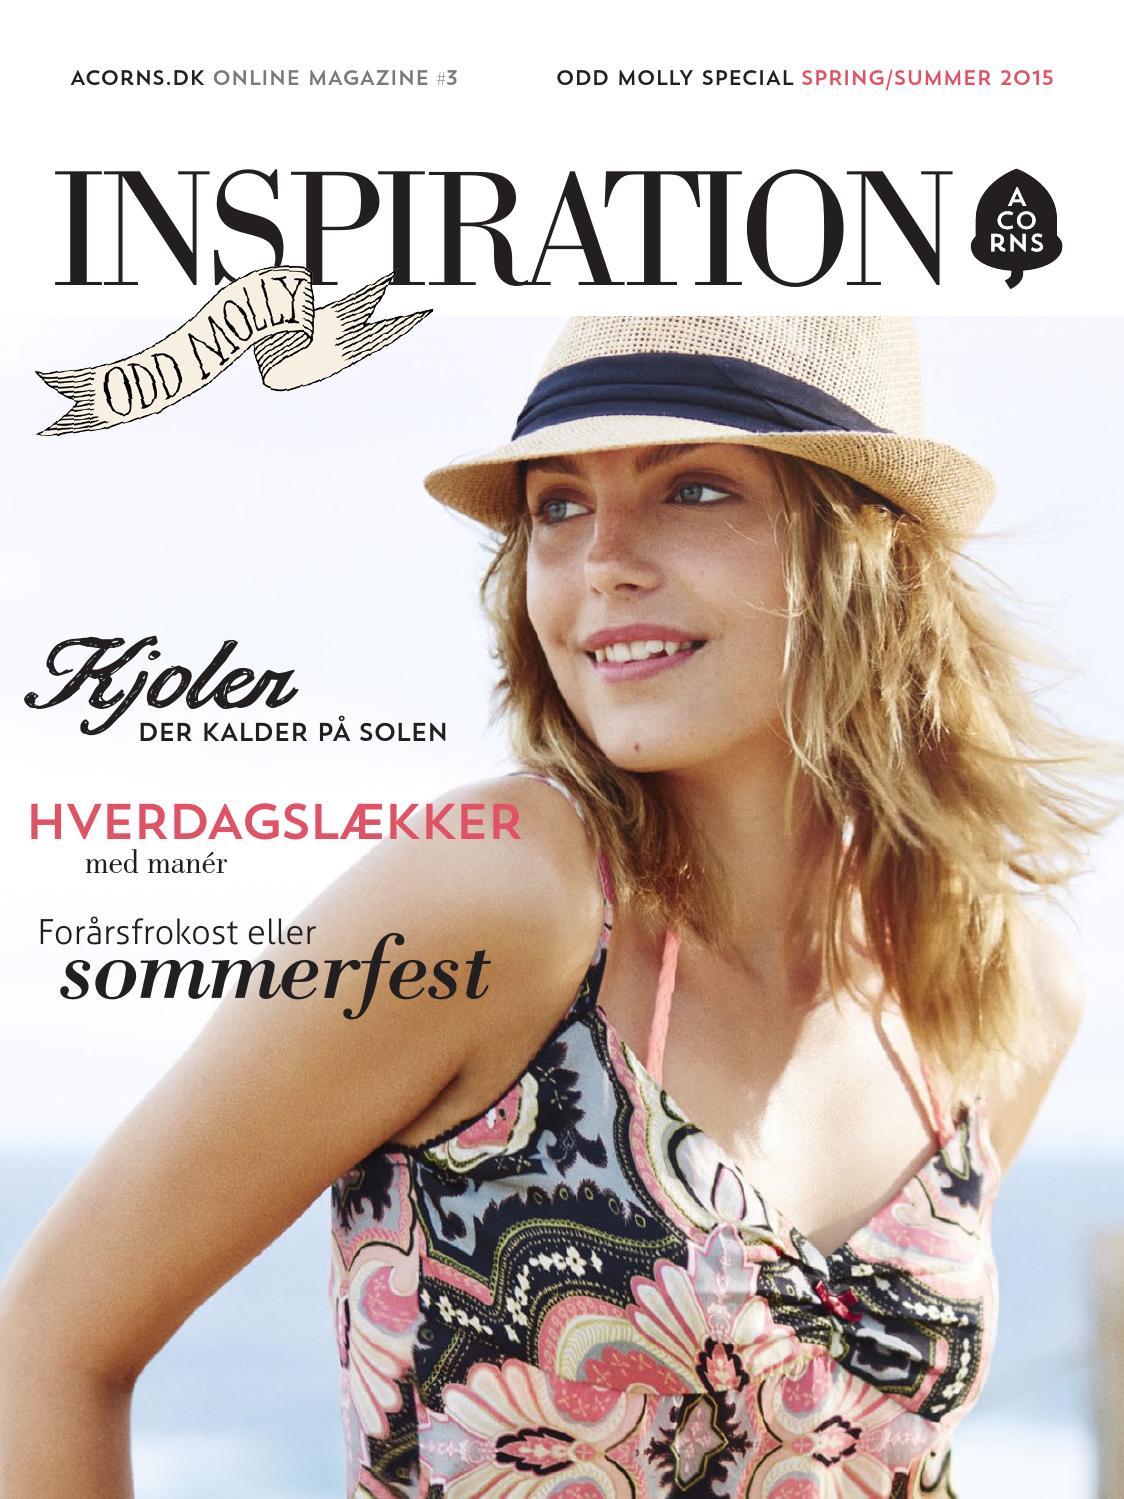 A Magazine, Copenhagen, Denmark. likes. A Magazine er et trendsættende lækkert Mode-Magasin til kvinder mellem 25 og